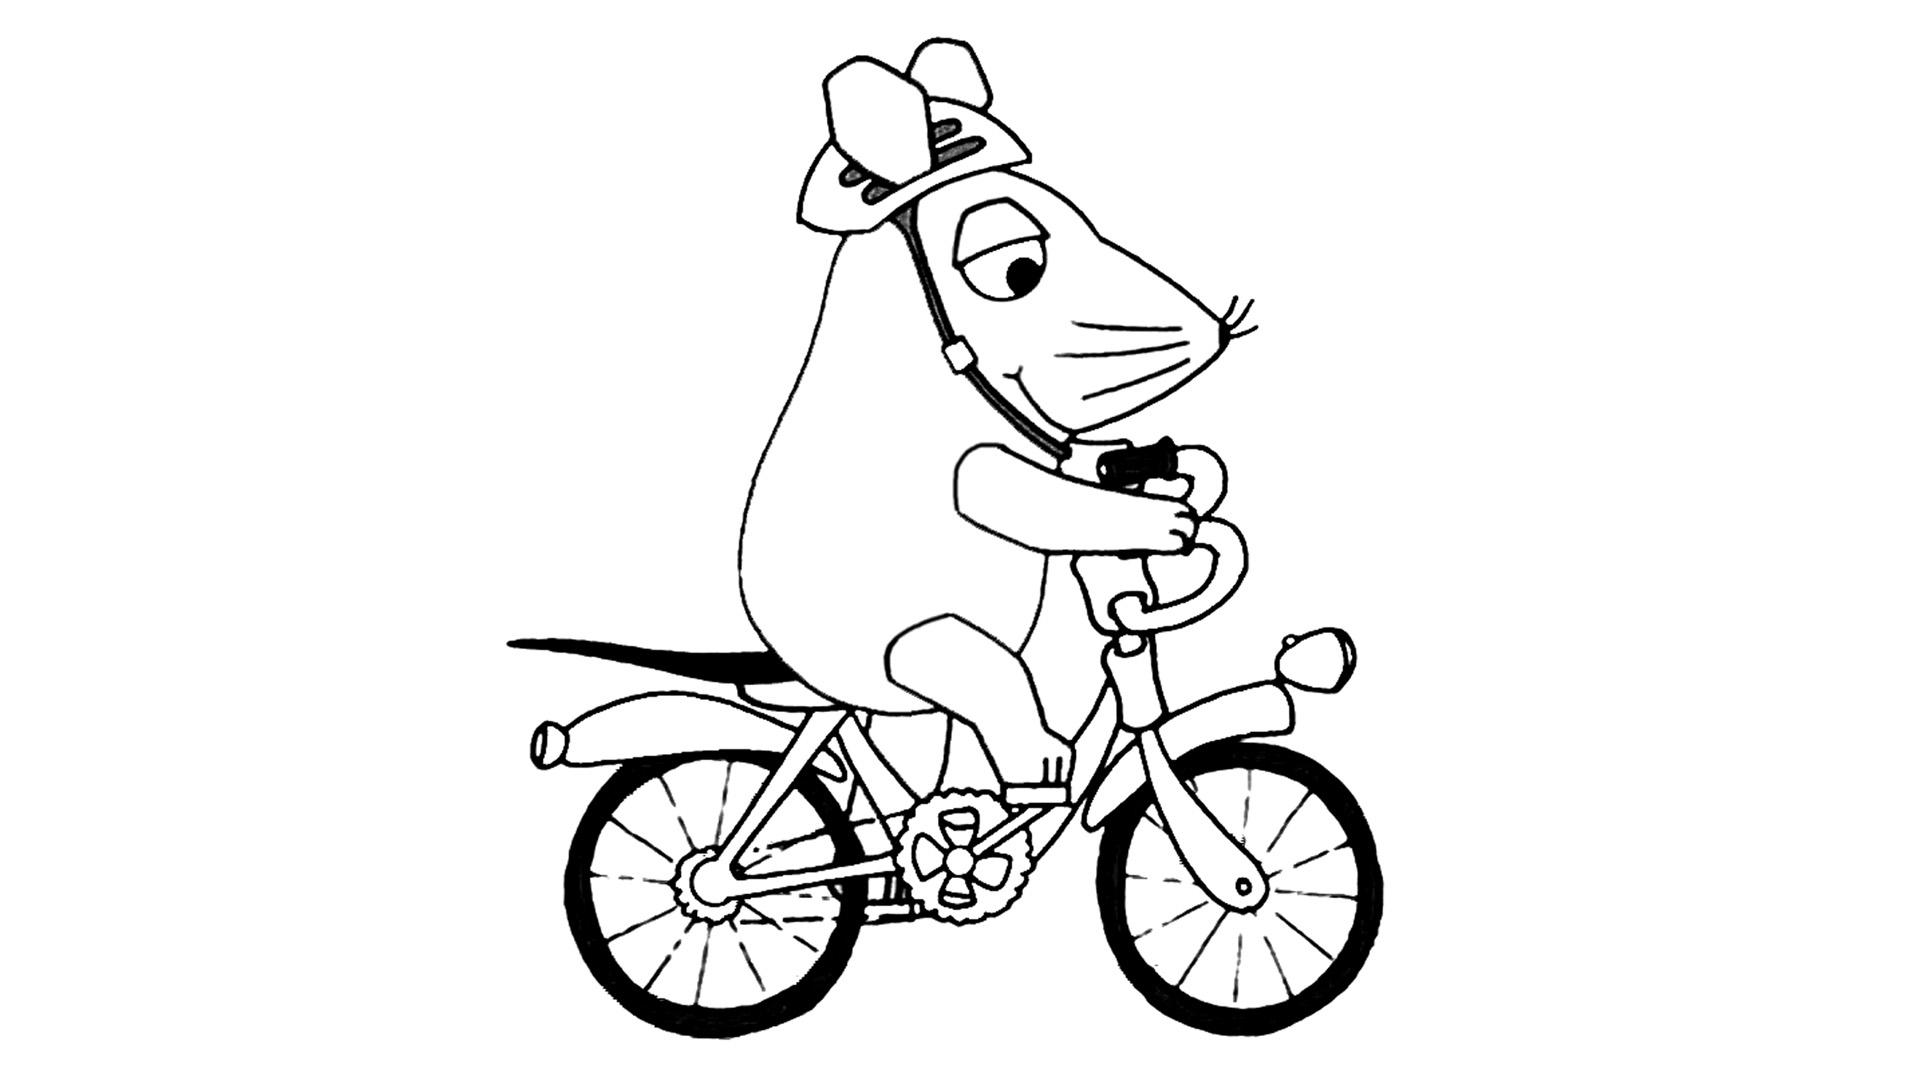 Die Sendung Mit Der Maus Ausmalbilder - kinderbilder